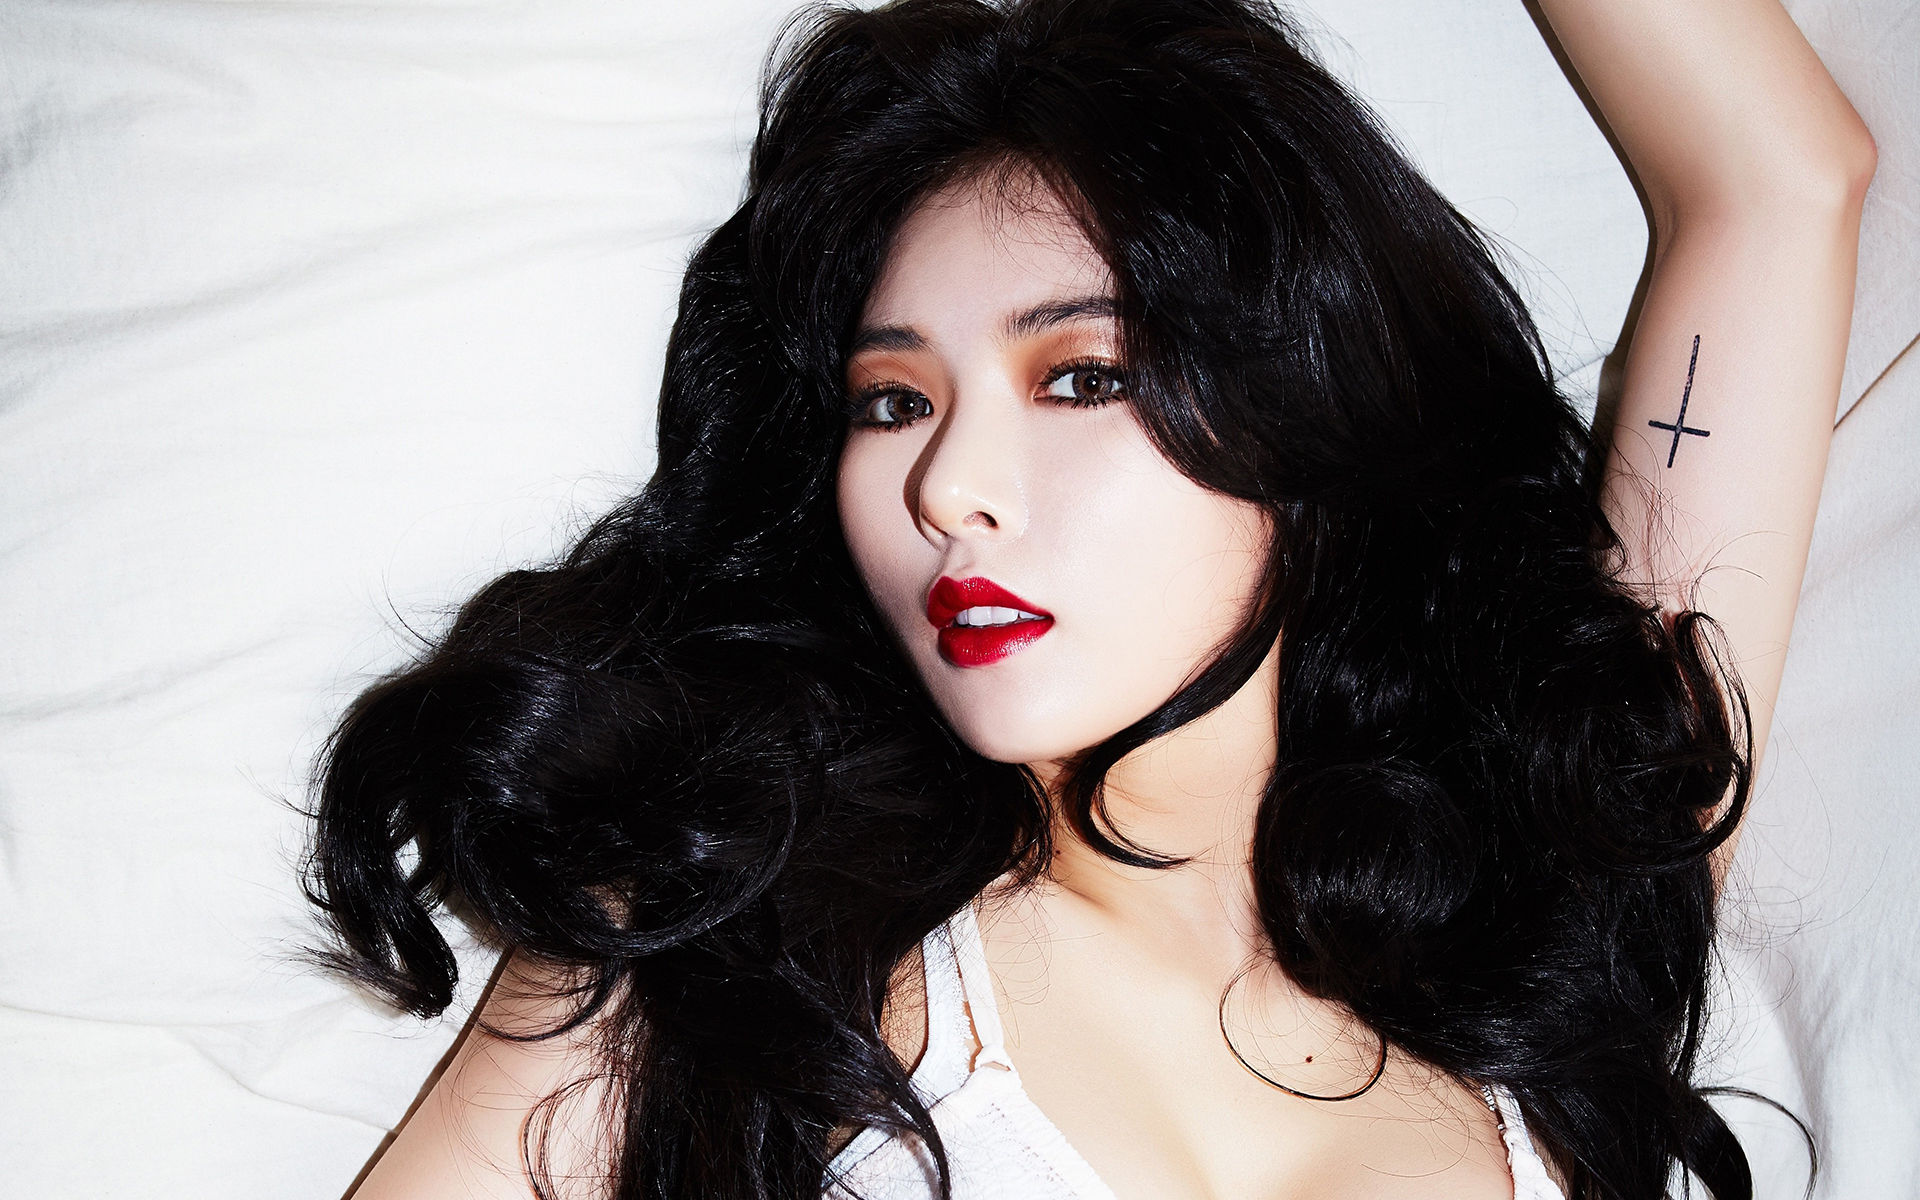 韩国明星金泫雅性感魅力时尚写真高清壁纸男人心中理想的对象